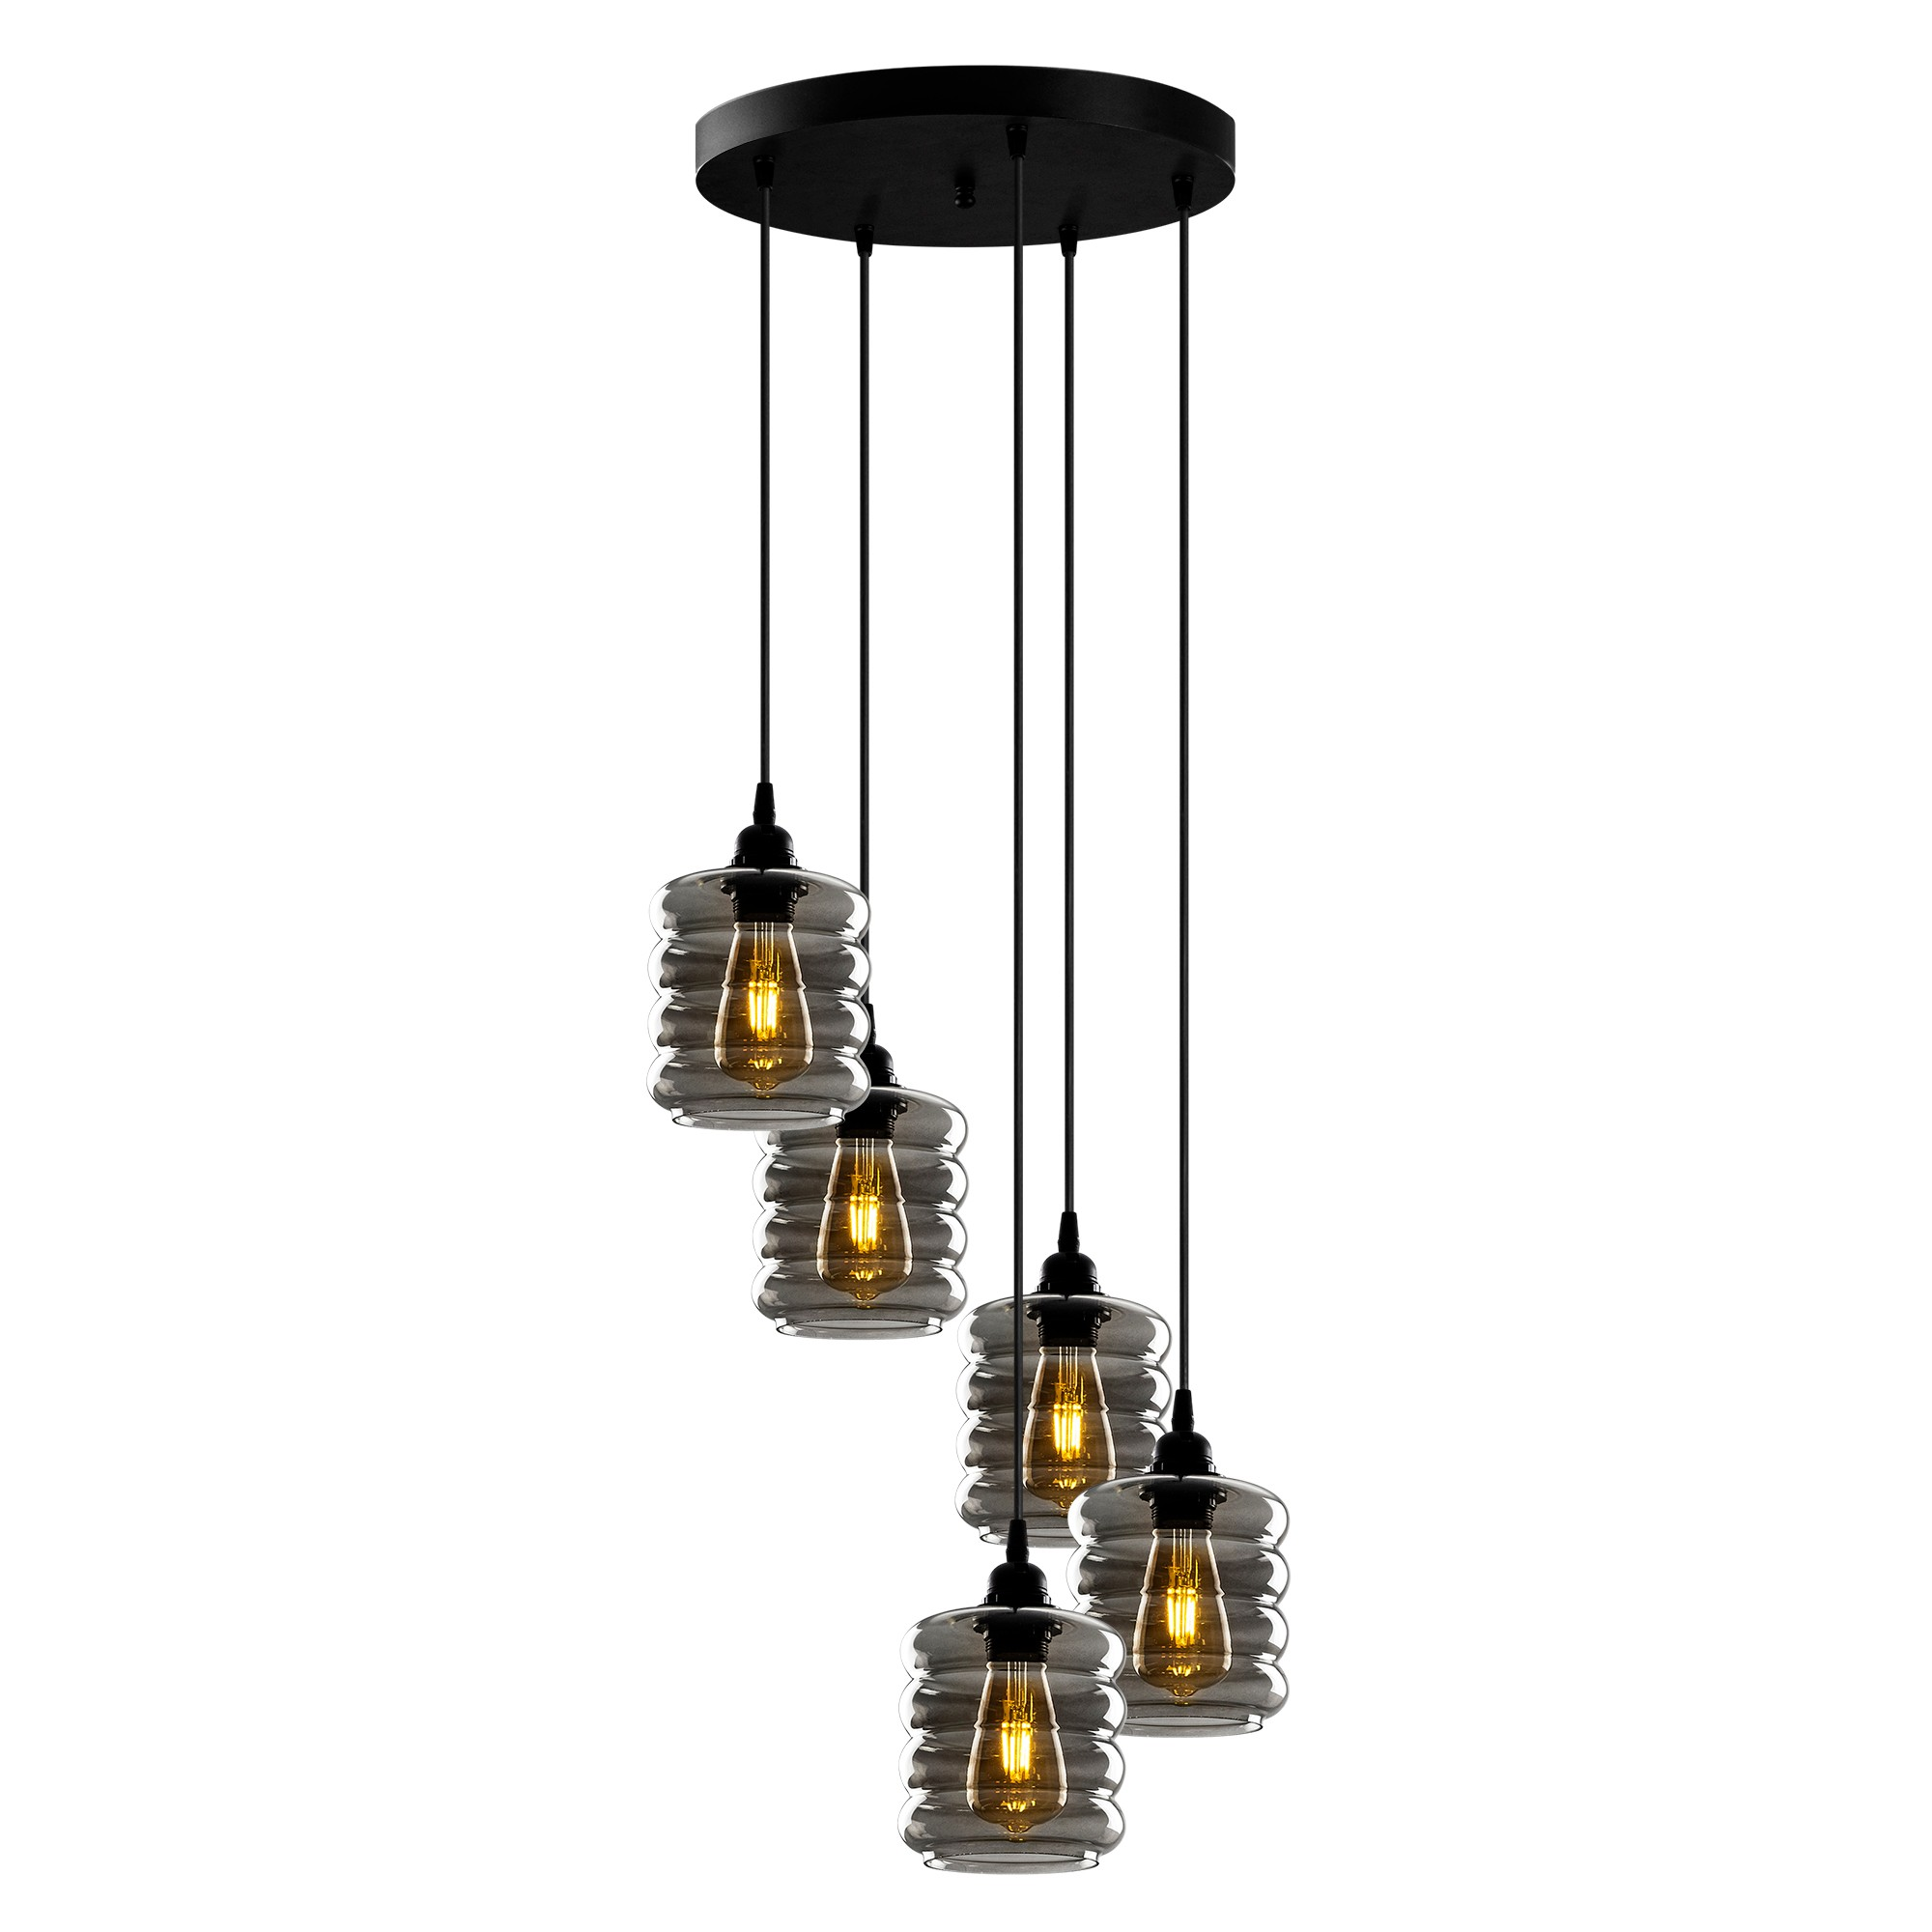 Hanglamp gerookt glas 5 keer E27 fitting - vooraanzicht lampen aan